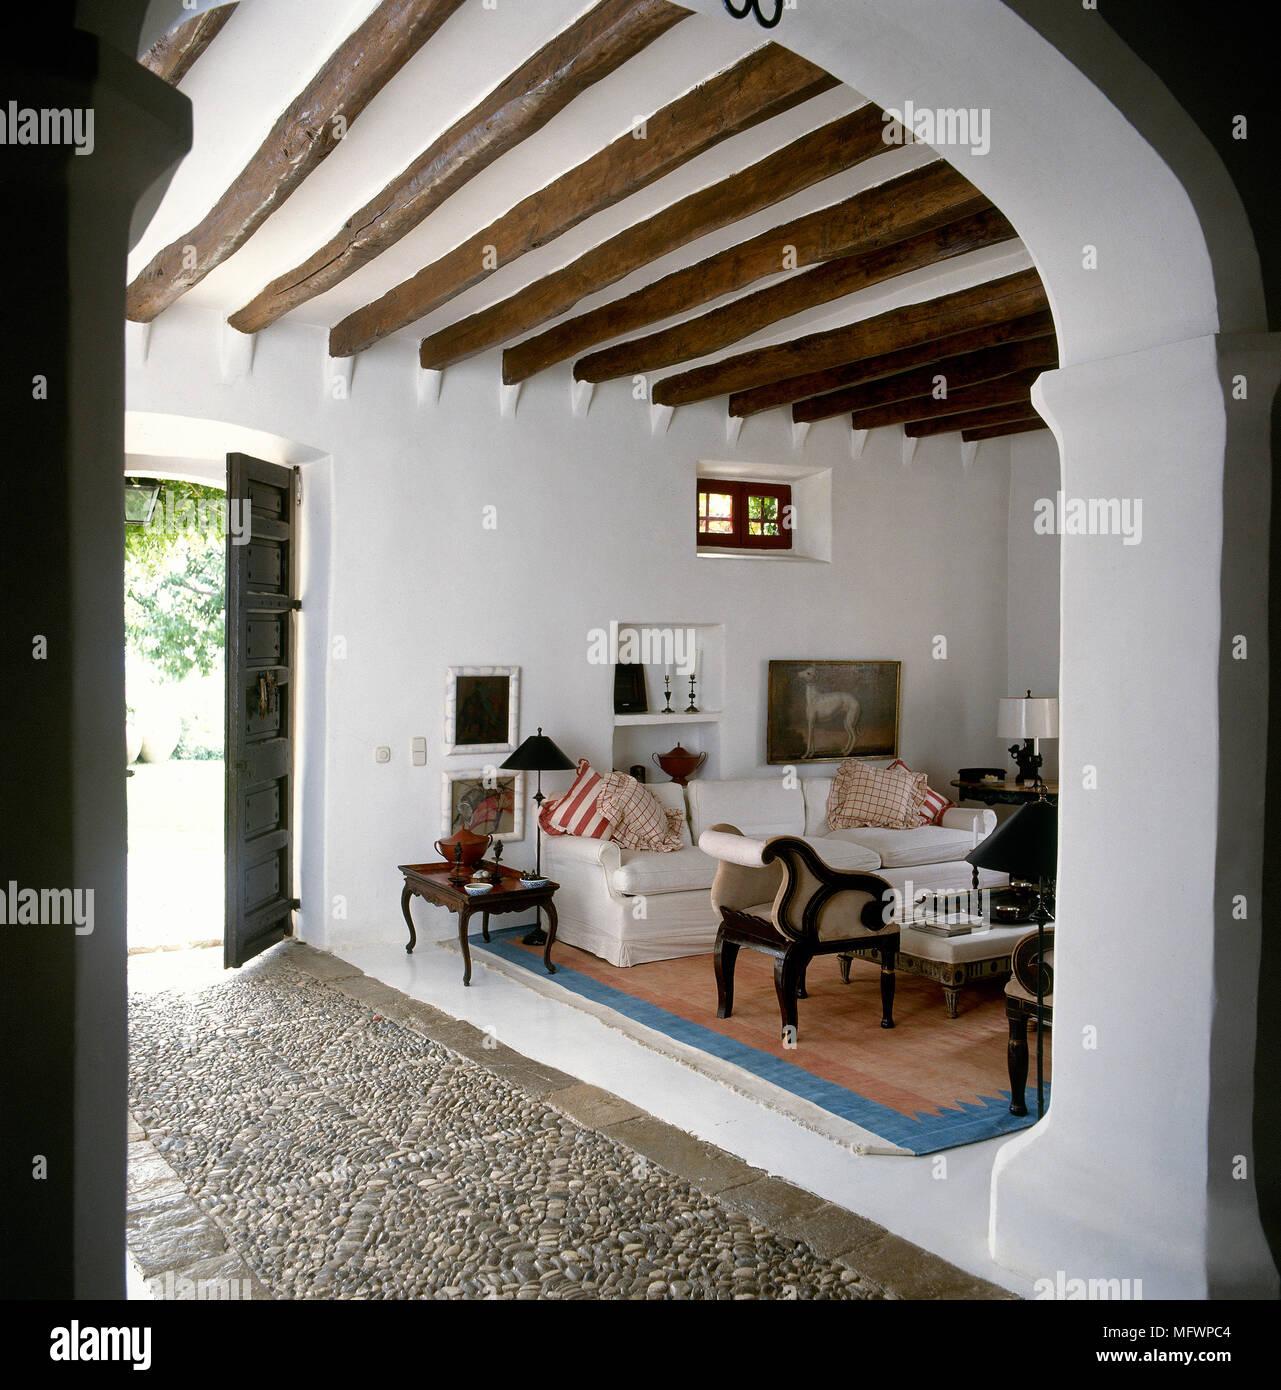 Soffitto Travi A Vista paese di bianco in stile salotto con soffitto con travi a